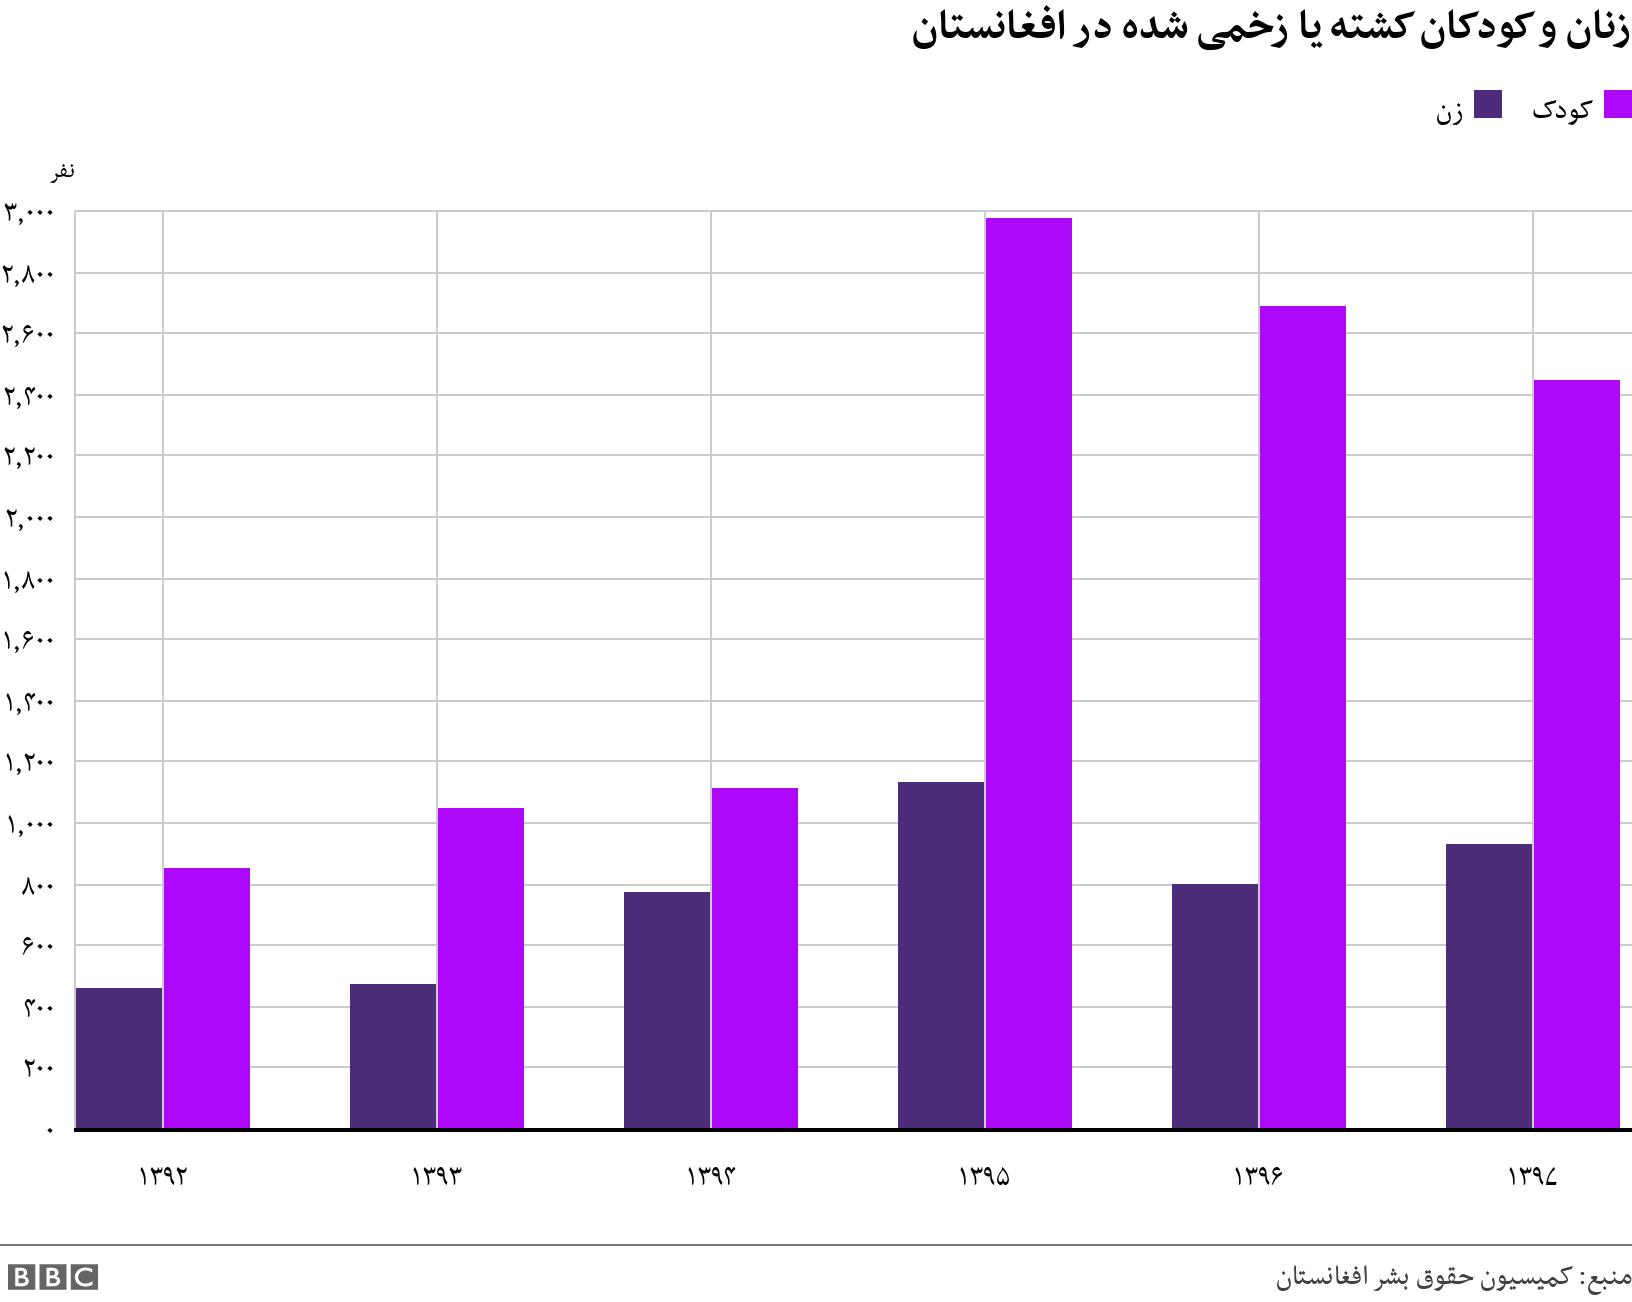 زنان و کودکان کشته یا زخمی شده در افغانستان. .  .